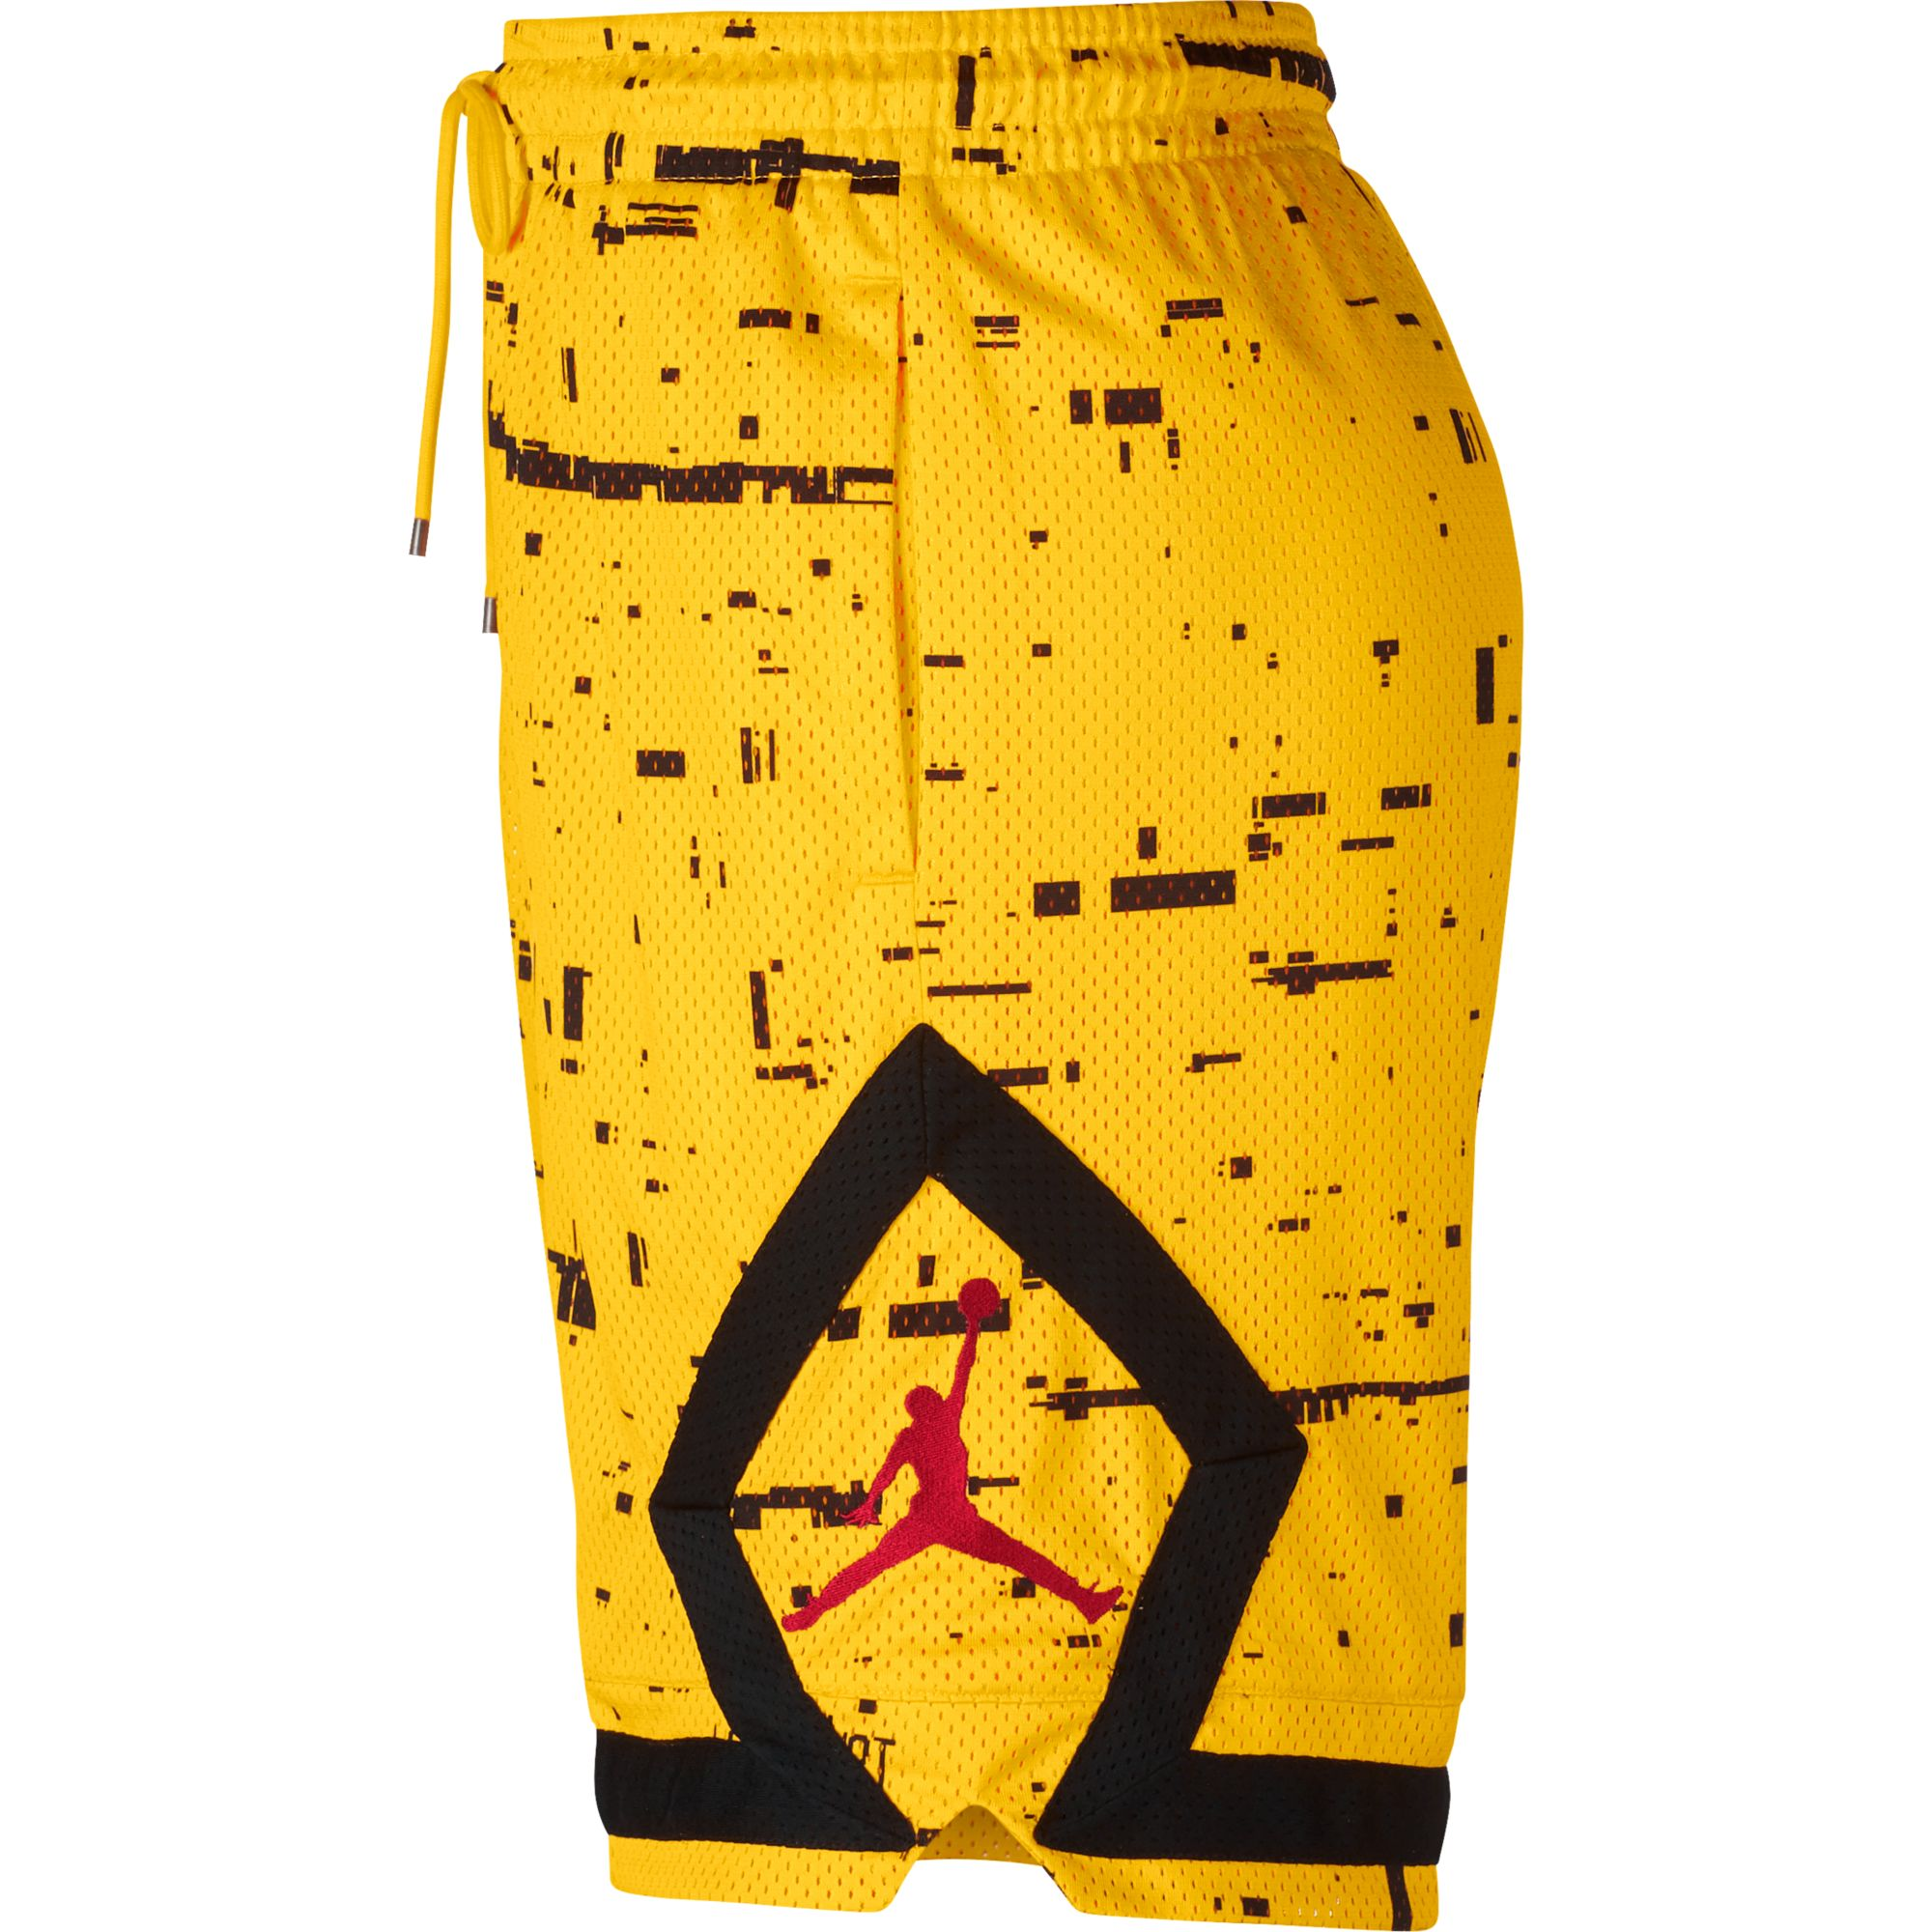 0fb51d2ed7f Nike Air Jordan Mens Diamond Shorts Last Shot Yellow/Black aq0620-719